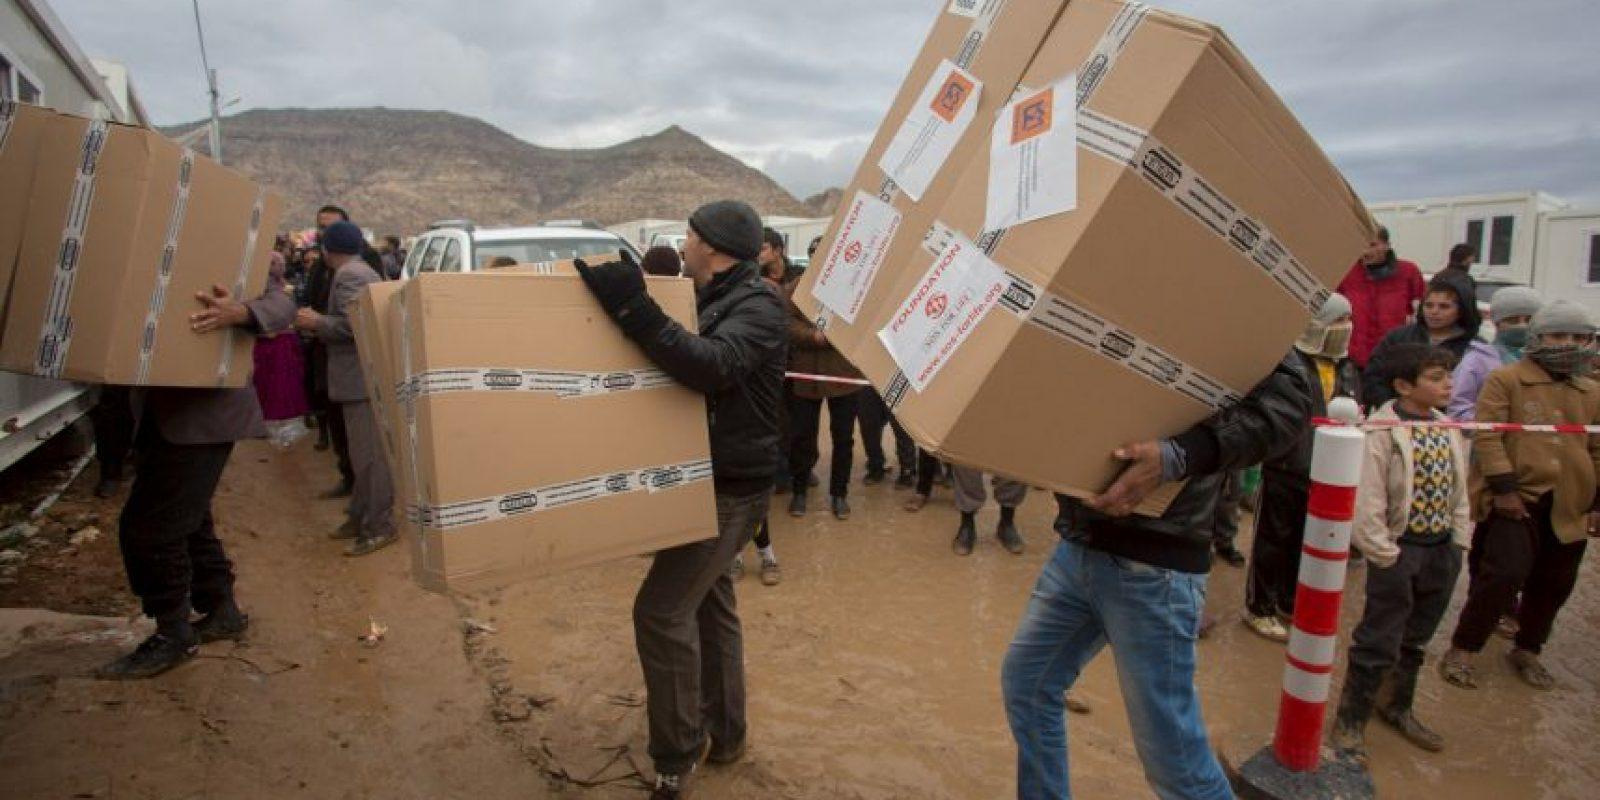 De acuerdo al mismo organismo, al menos ocho mil militantes de ISIS han muerto en los bombardeos encabezados por el ejercito de Estados Unidos Foto:Getty Images